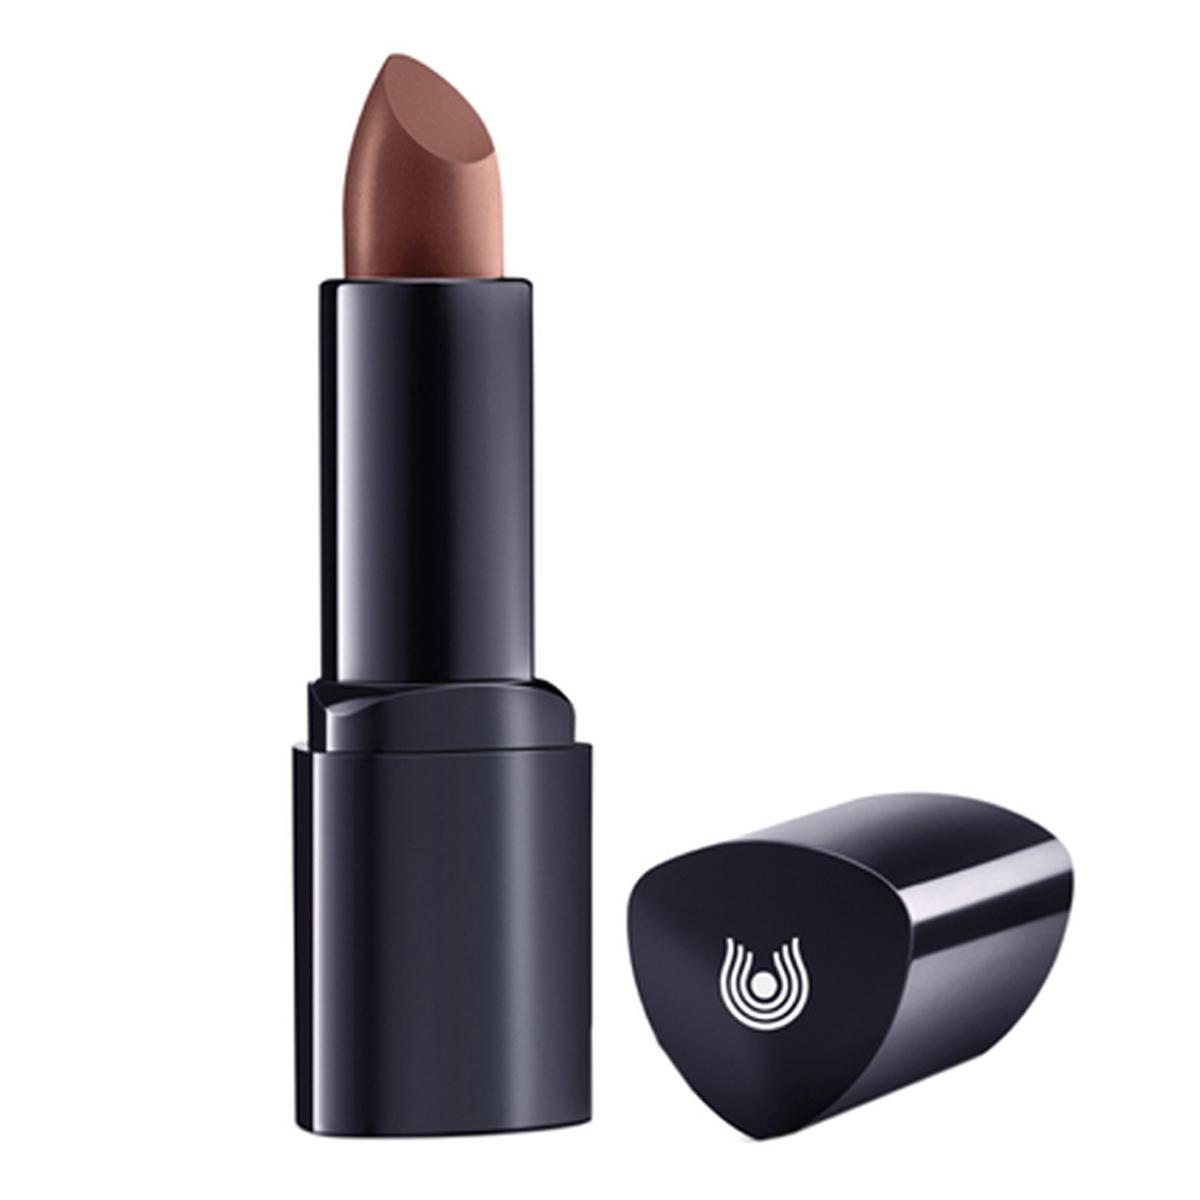 Dr. Hauschka - Lipstick - 13 Bromelia